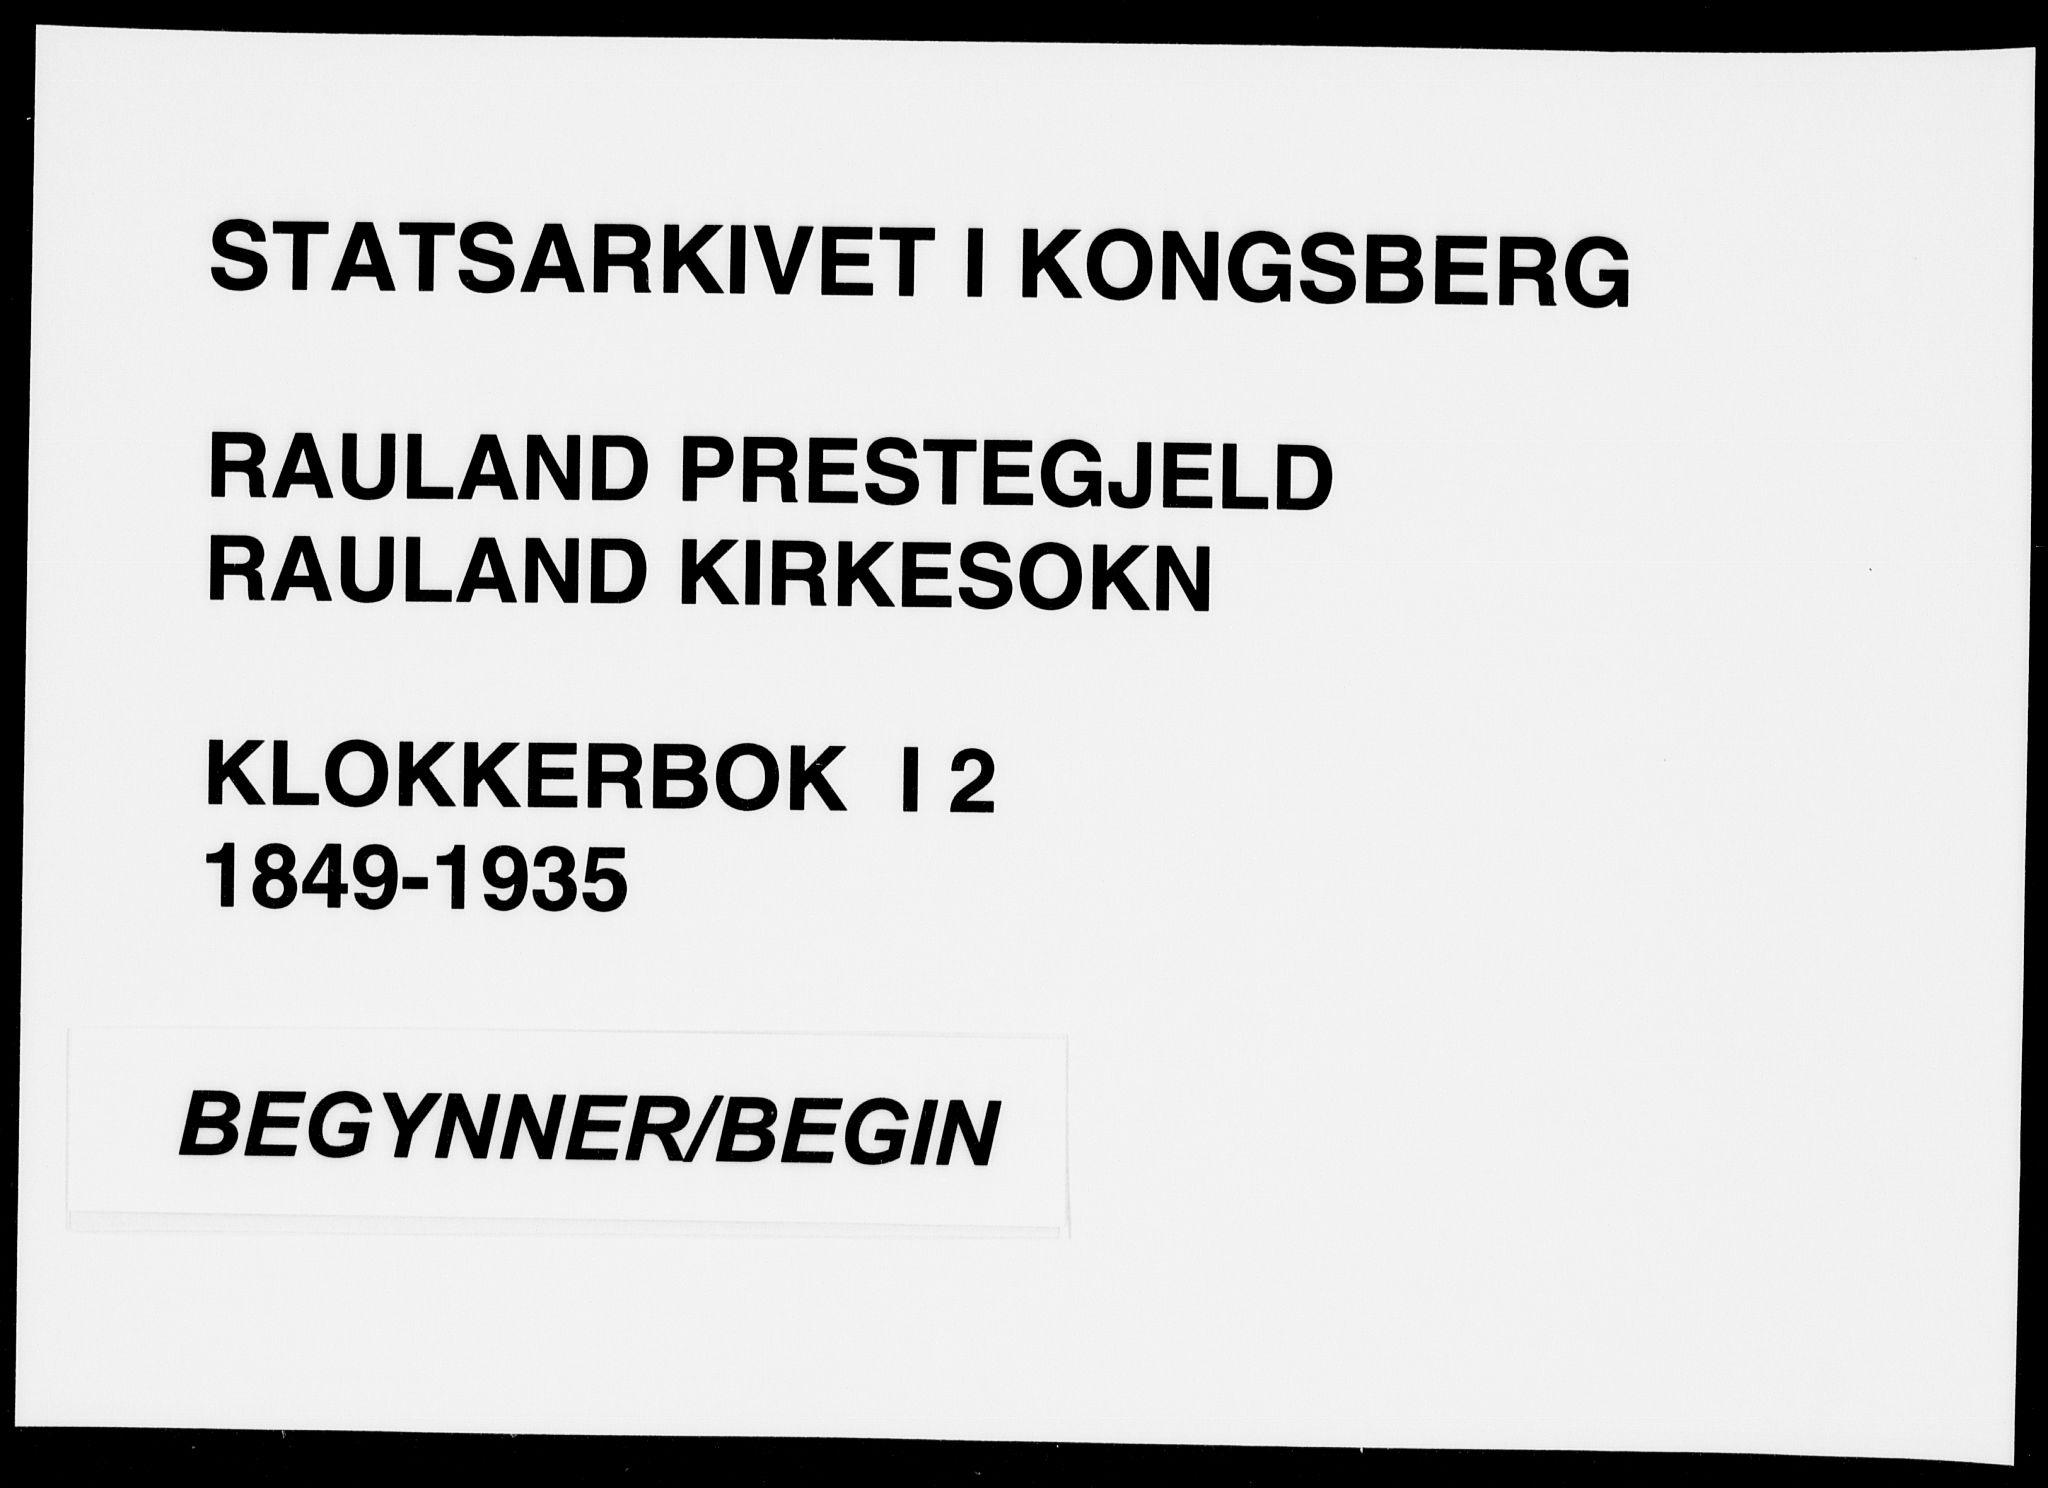 SAKO, Rauland kirkebøker, G/Ga/L0002: Klokkerbok nr. I 2, 1849-1935